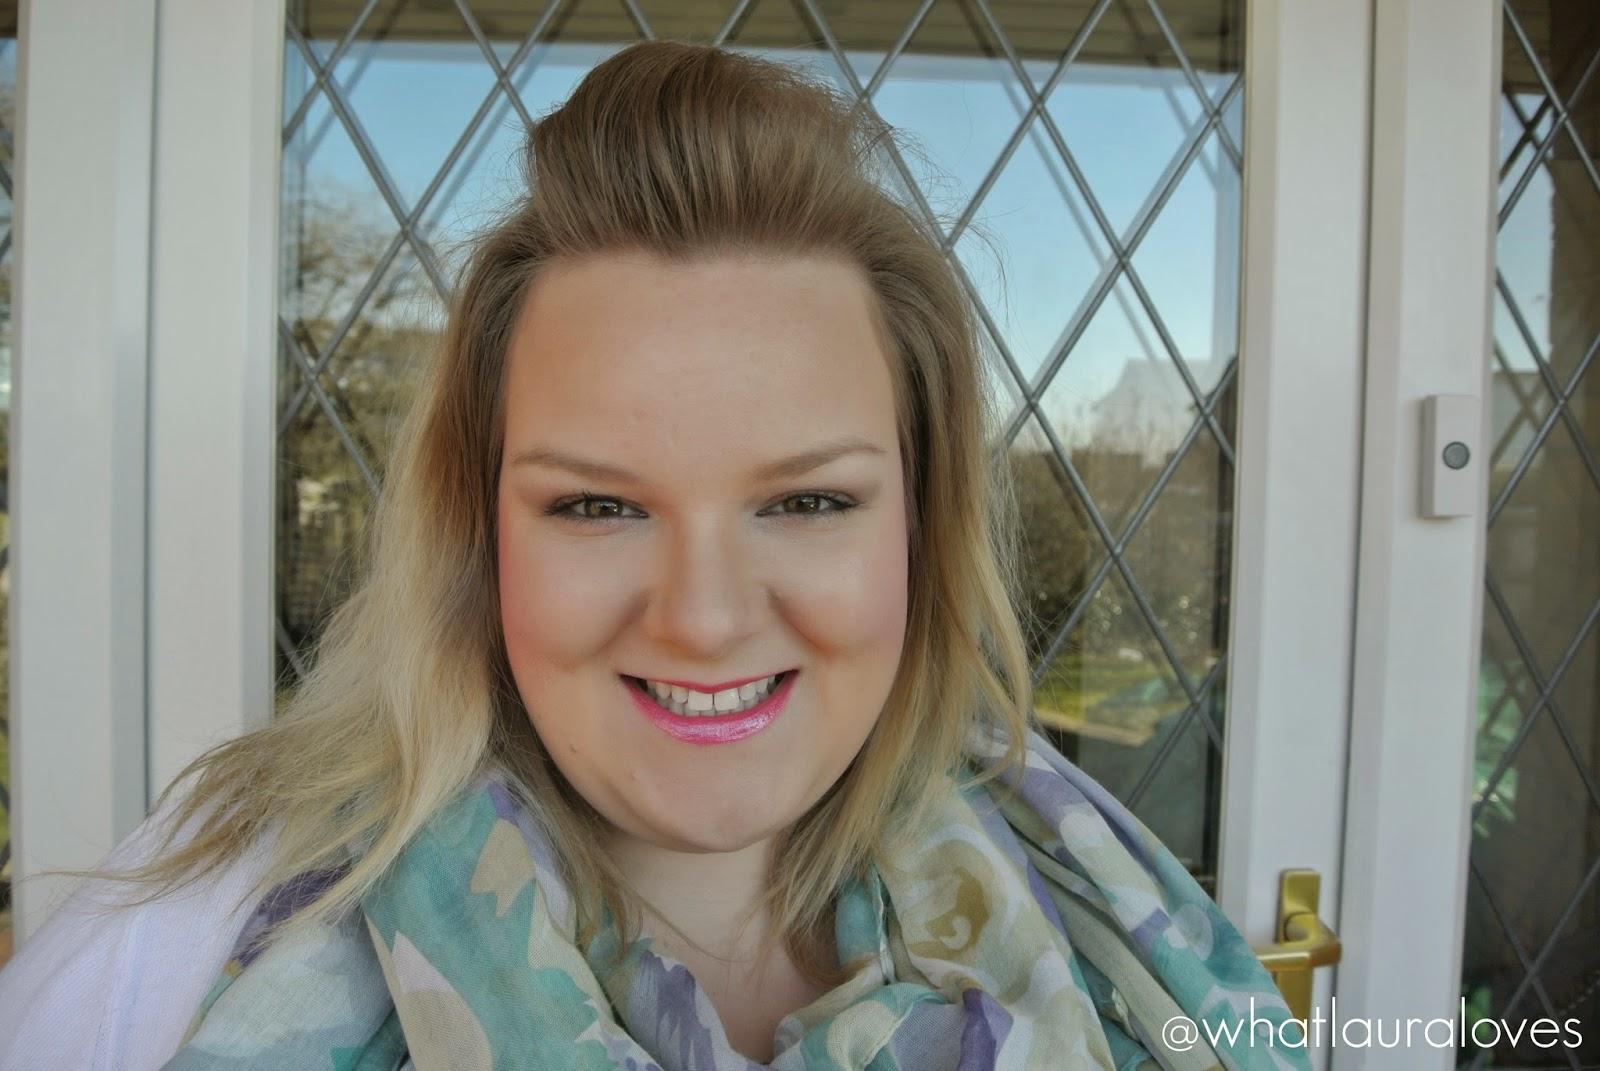 L'Oreal Colour Riche 370 Crazy Fuchsia Lipstick Glam Shine Crystals Beryl Strass Sapphire Strass